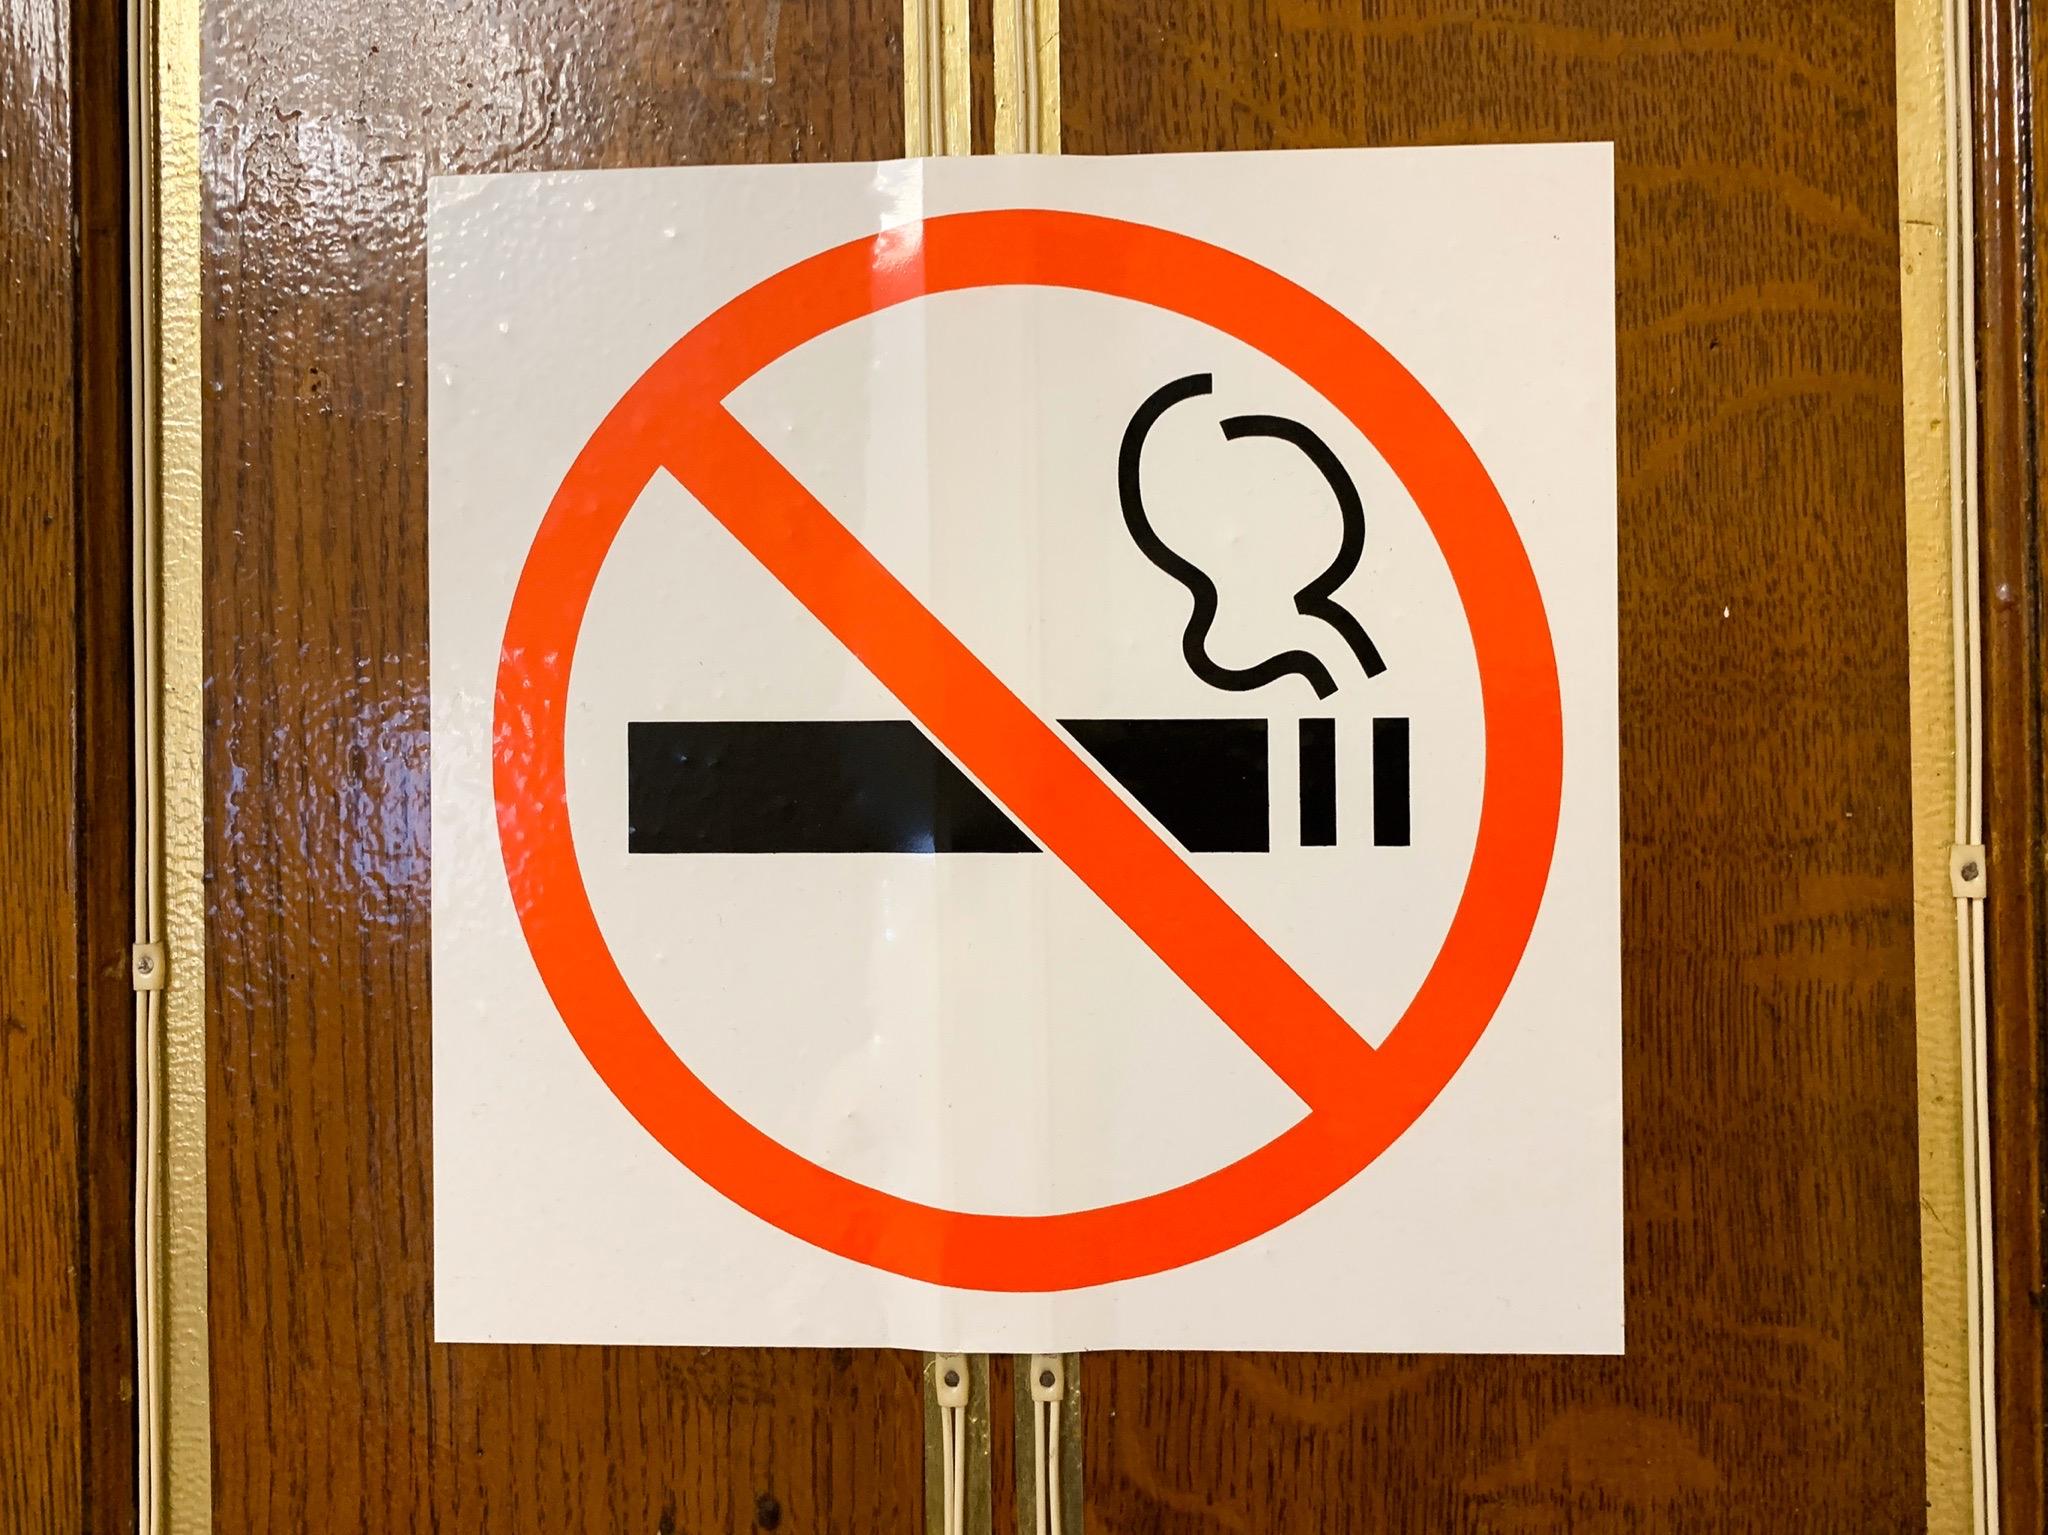 «Трезвые дни» и новые запреты: в Ярославле обсудили меры борьбы с вредными привычками жителей